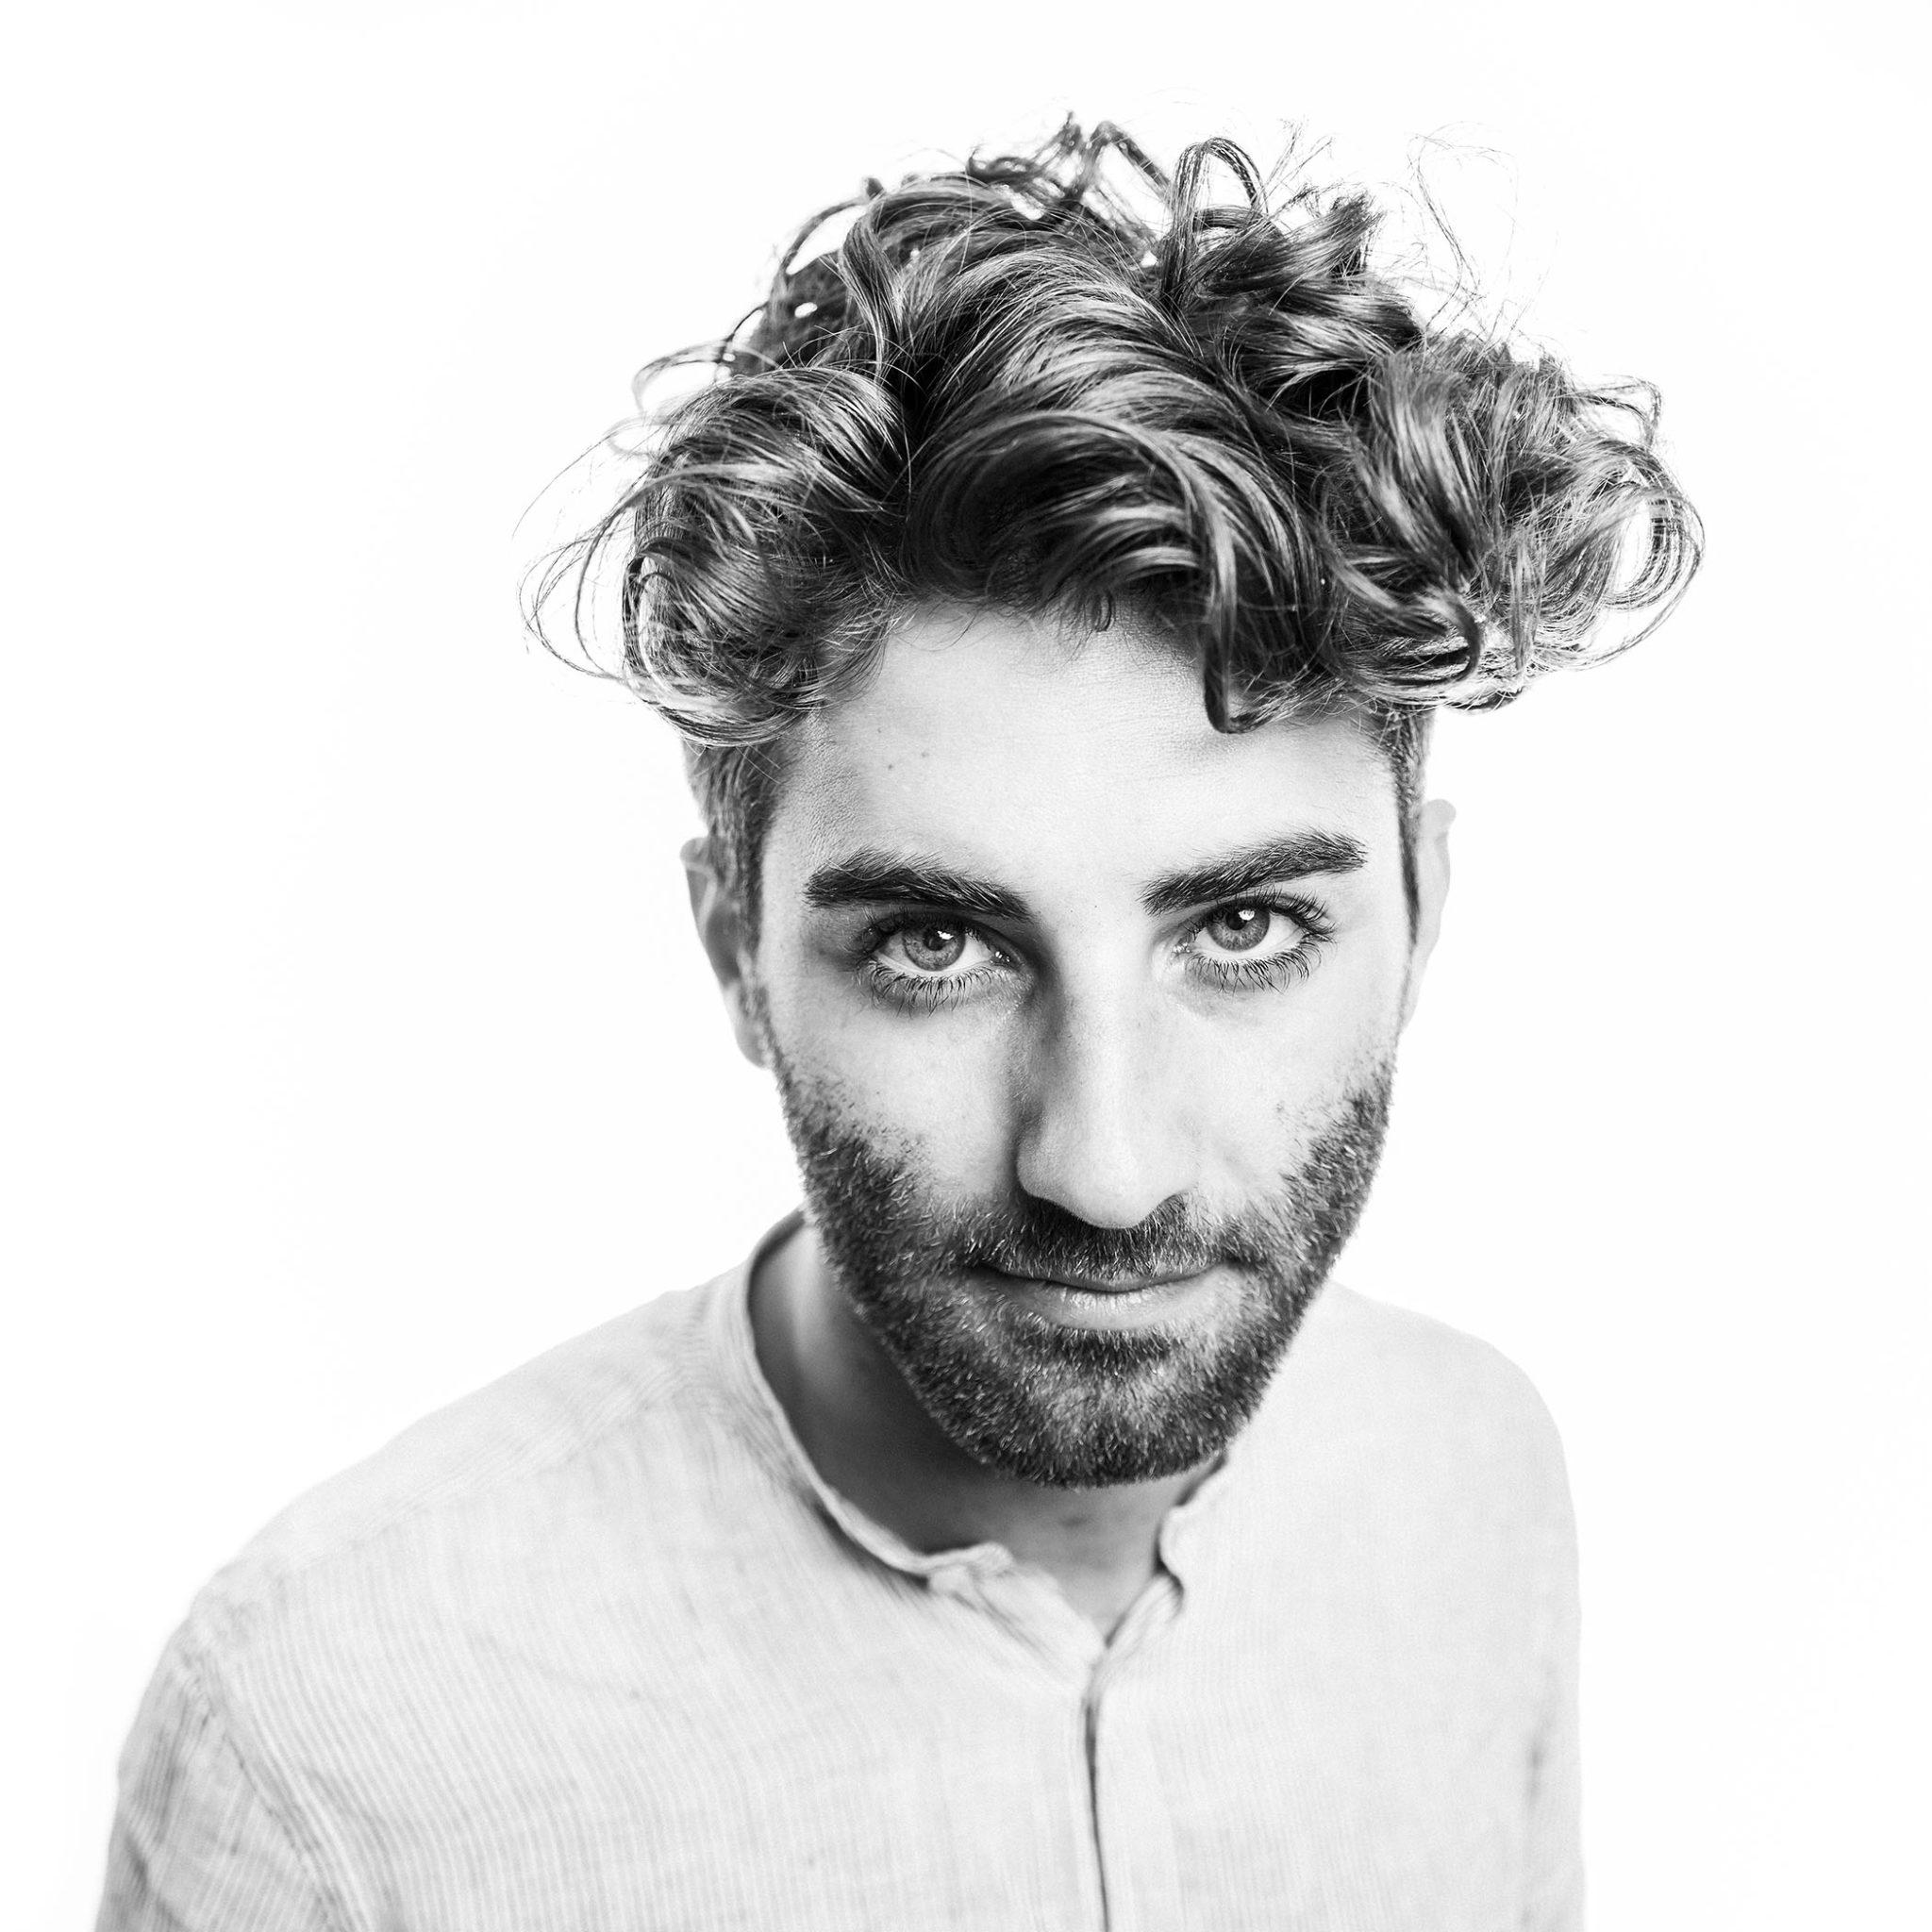 Max woelle portrait 2018 07 03 034